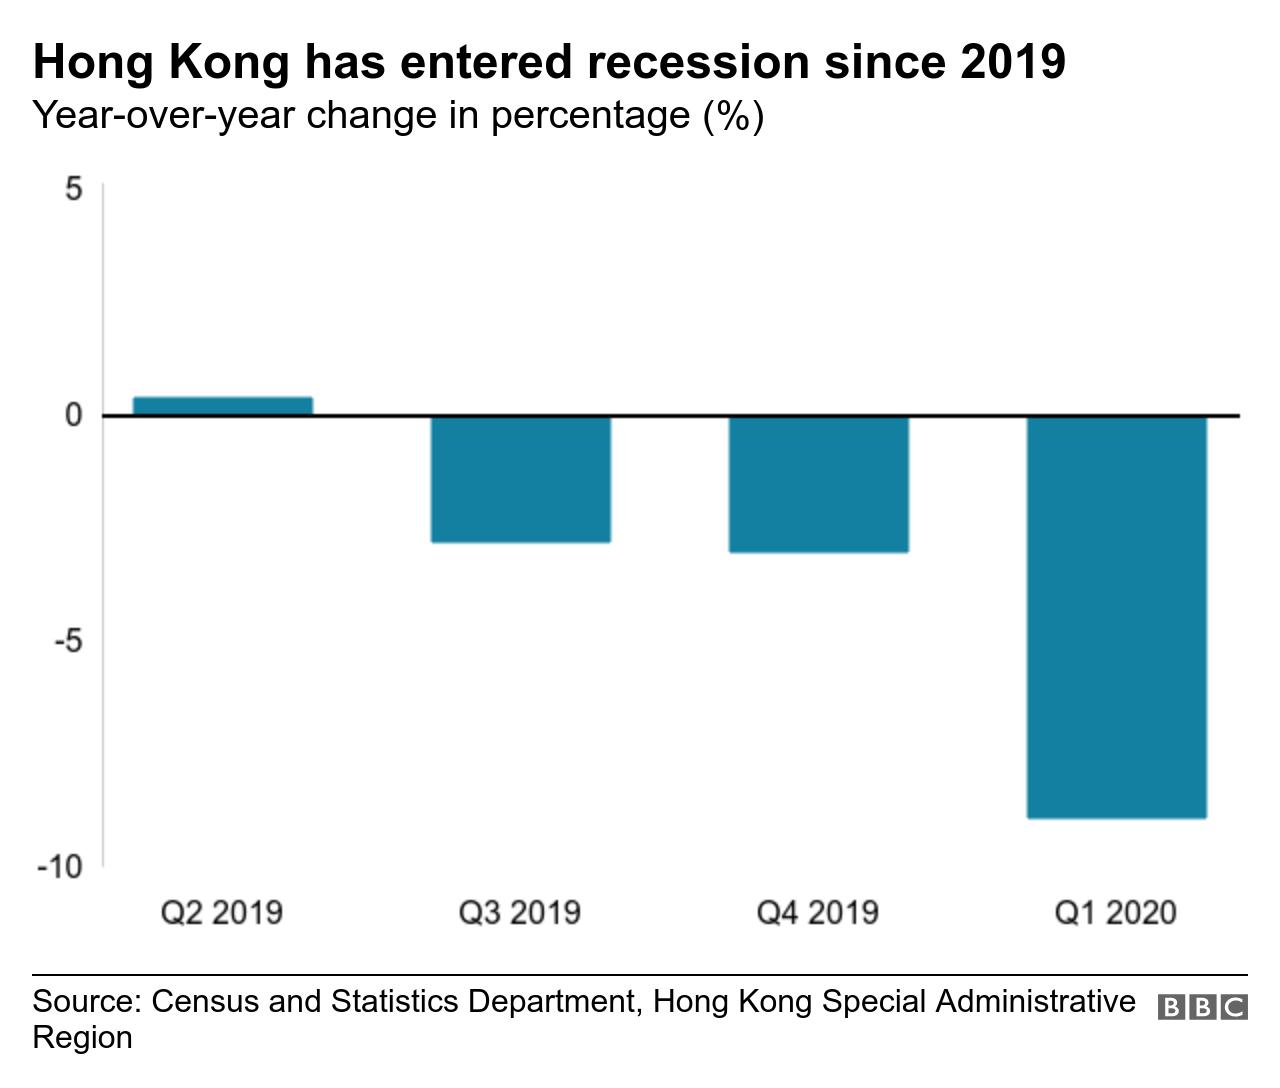 Hong Kong's GDP growth